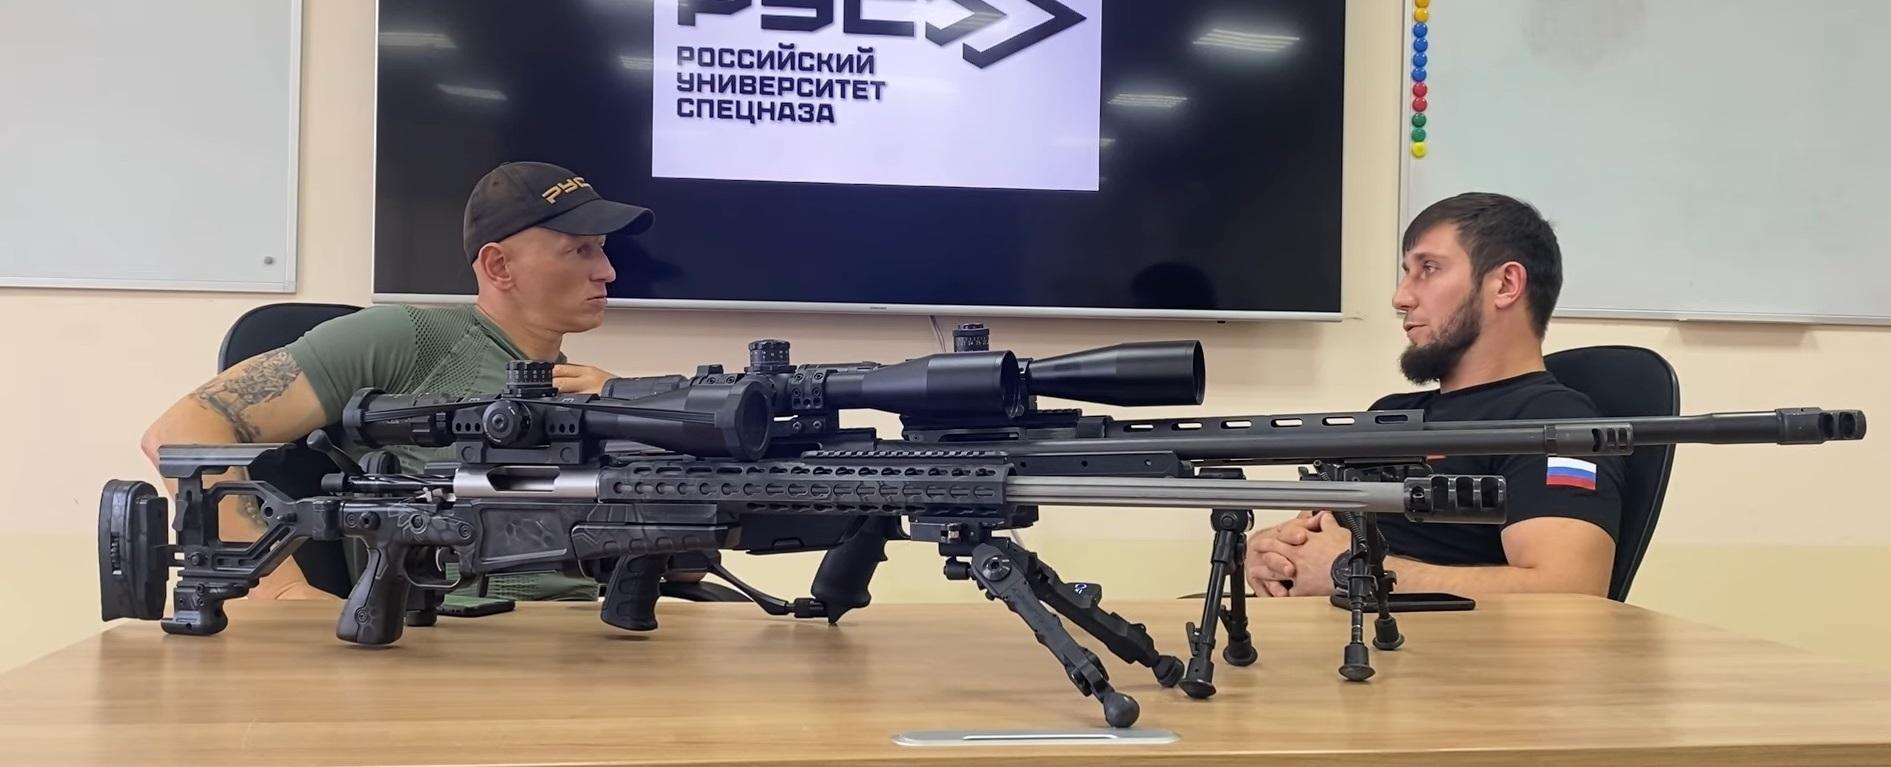 Снайпер чеченского университета спецназа назвал преимущество импортных винтовок над российскими